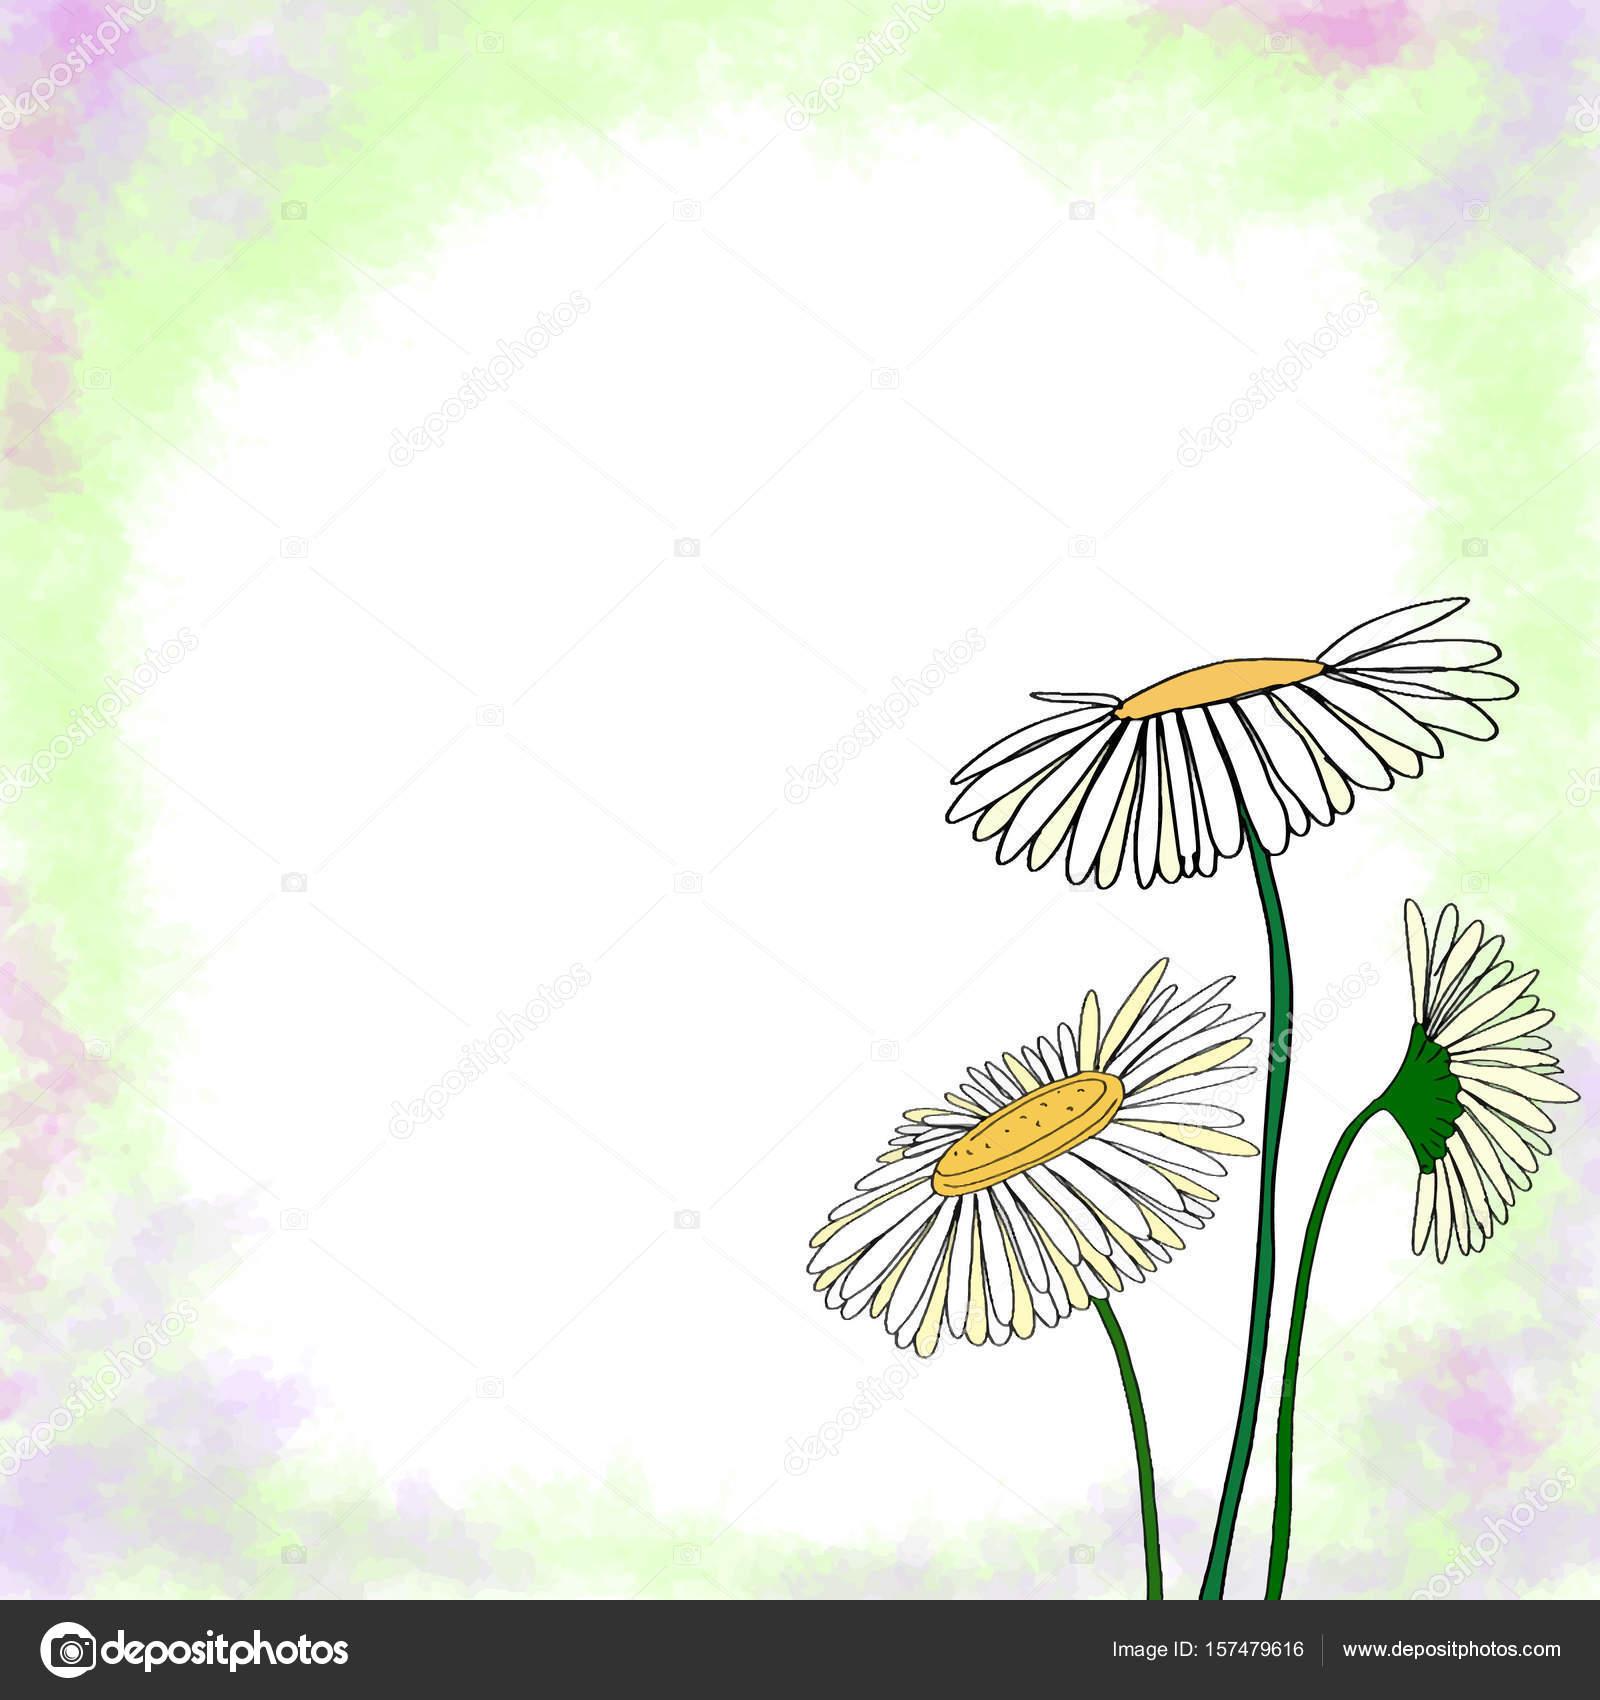 Marco de Margarita y colores de fondo — Fotos de Stock © designartks ...